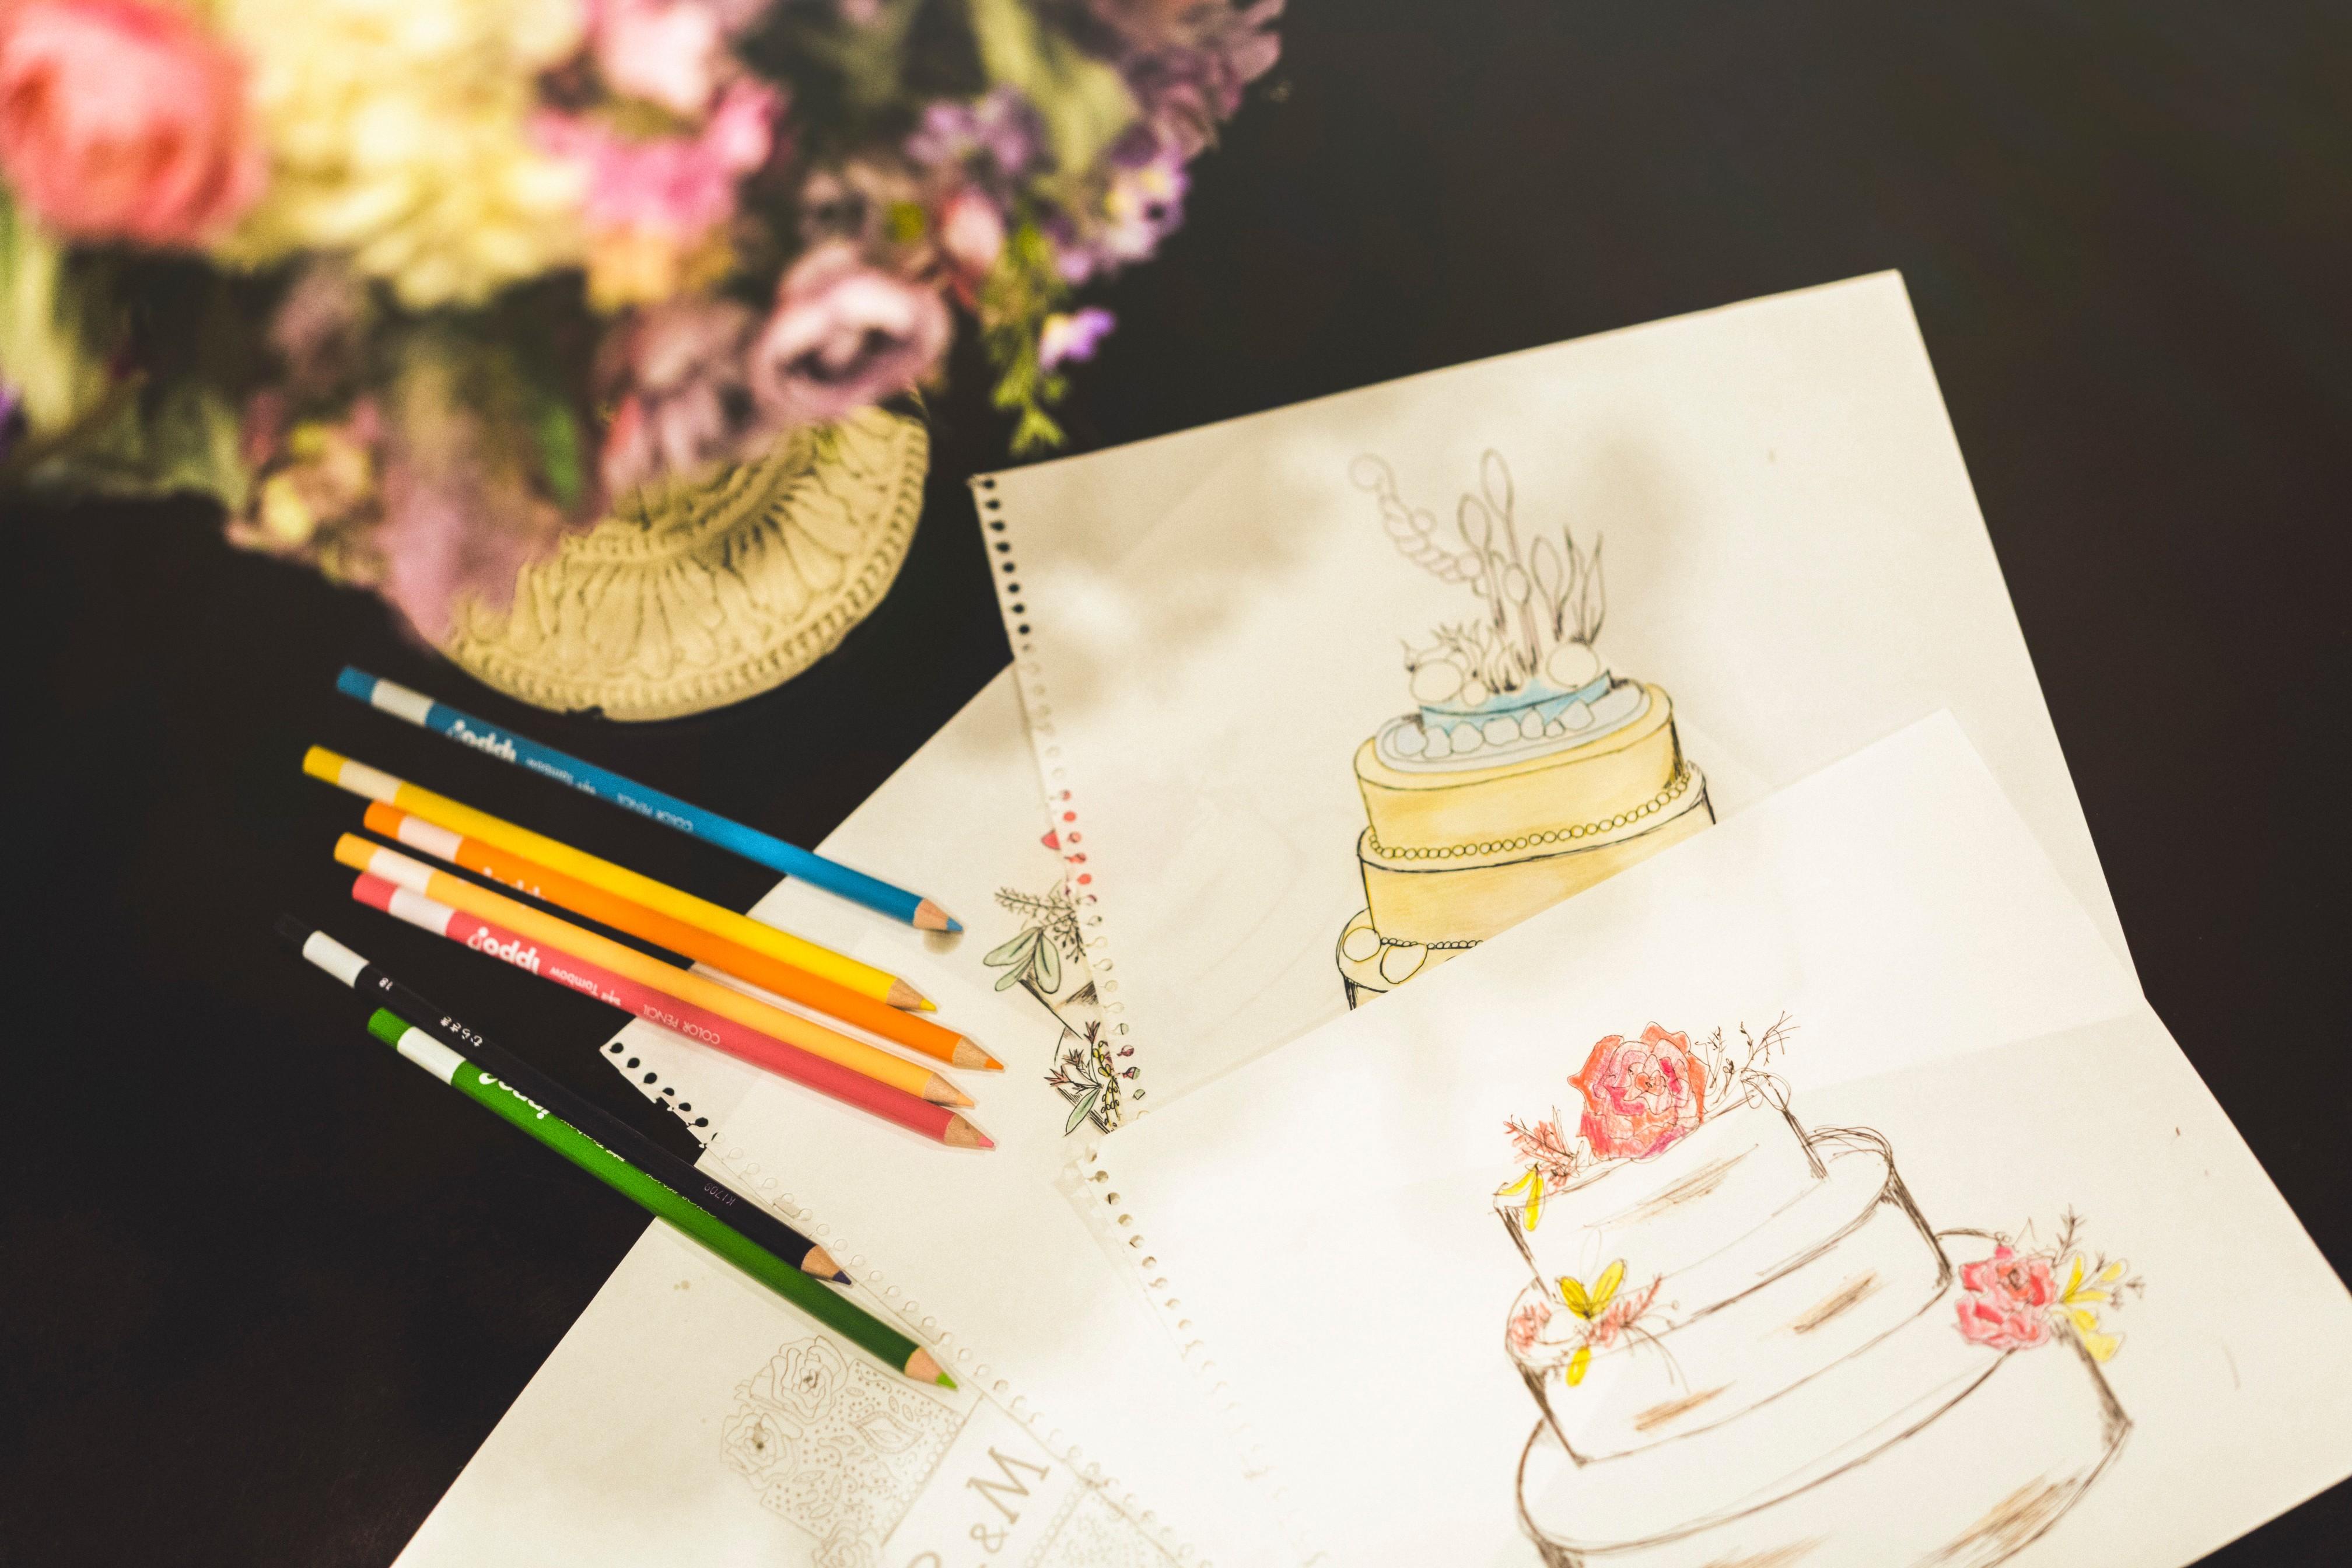 オリジナルデザイン可能なウェディングケーキプレゼント♪<br> 人気シーズンご希望の方へ向けたお得なプランが登場です!